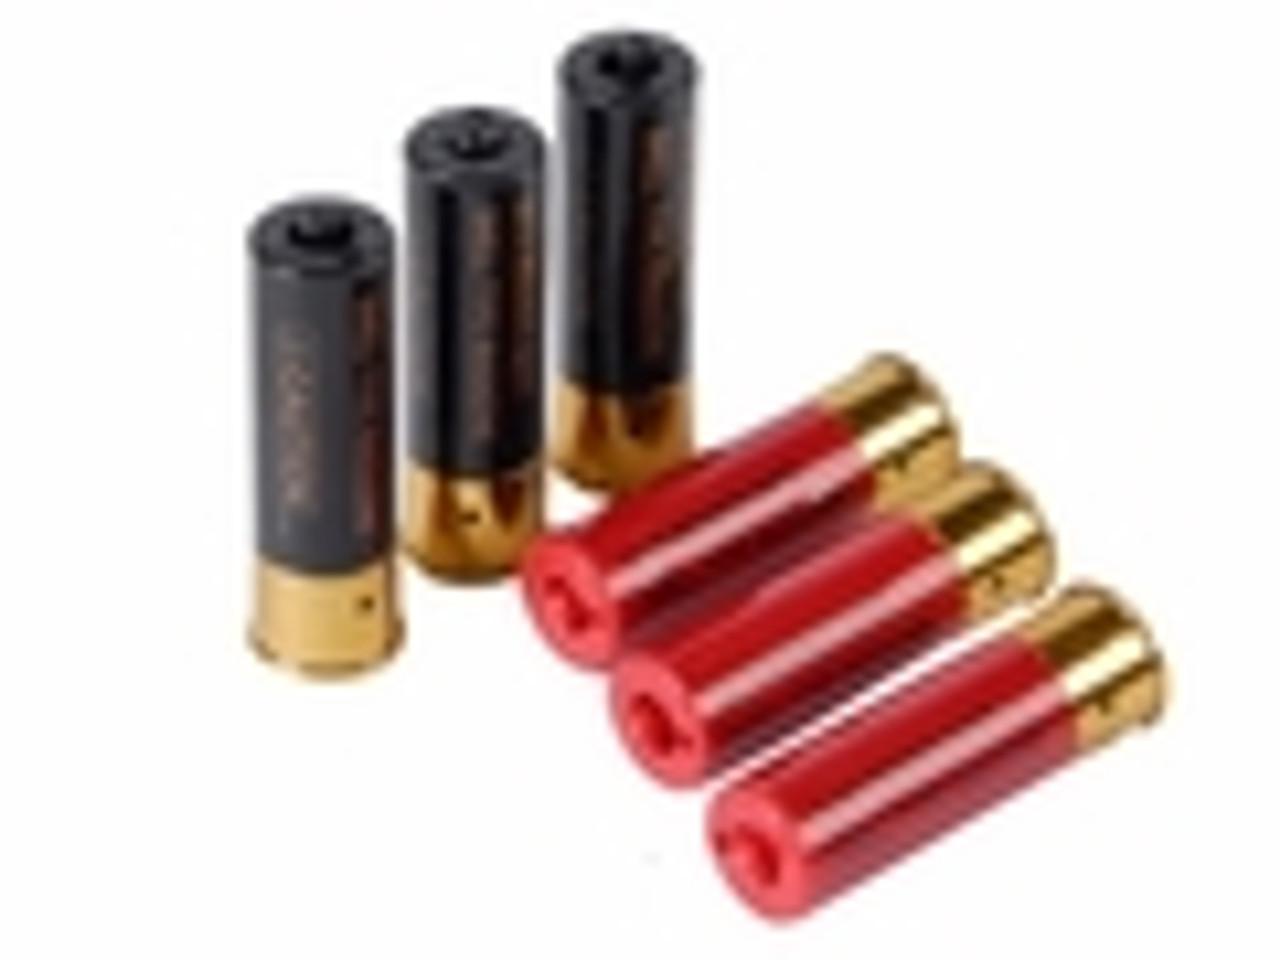 Airsoft Pistol, Rifle, & Shotgun Shells